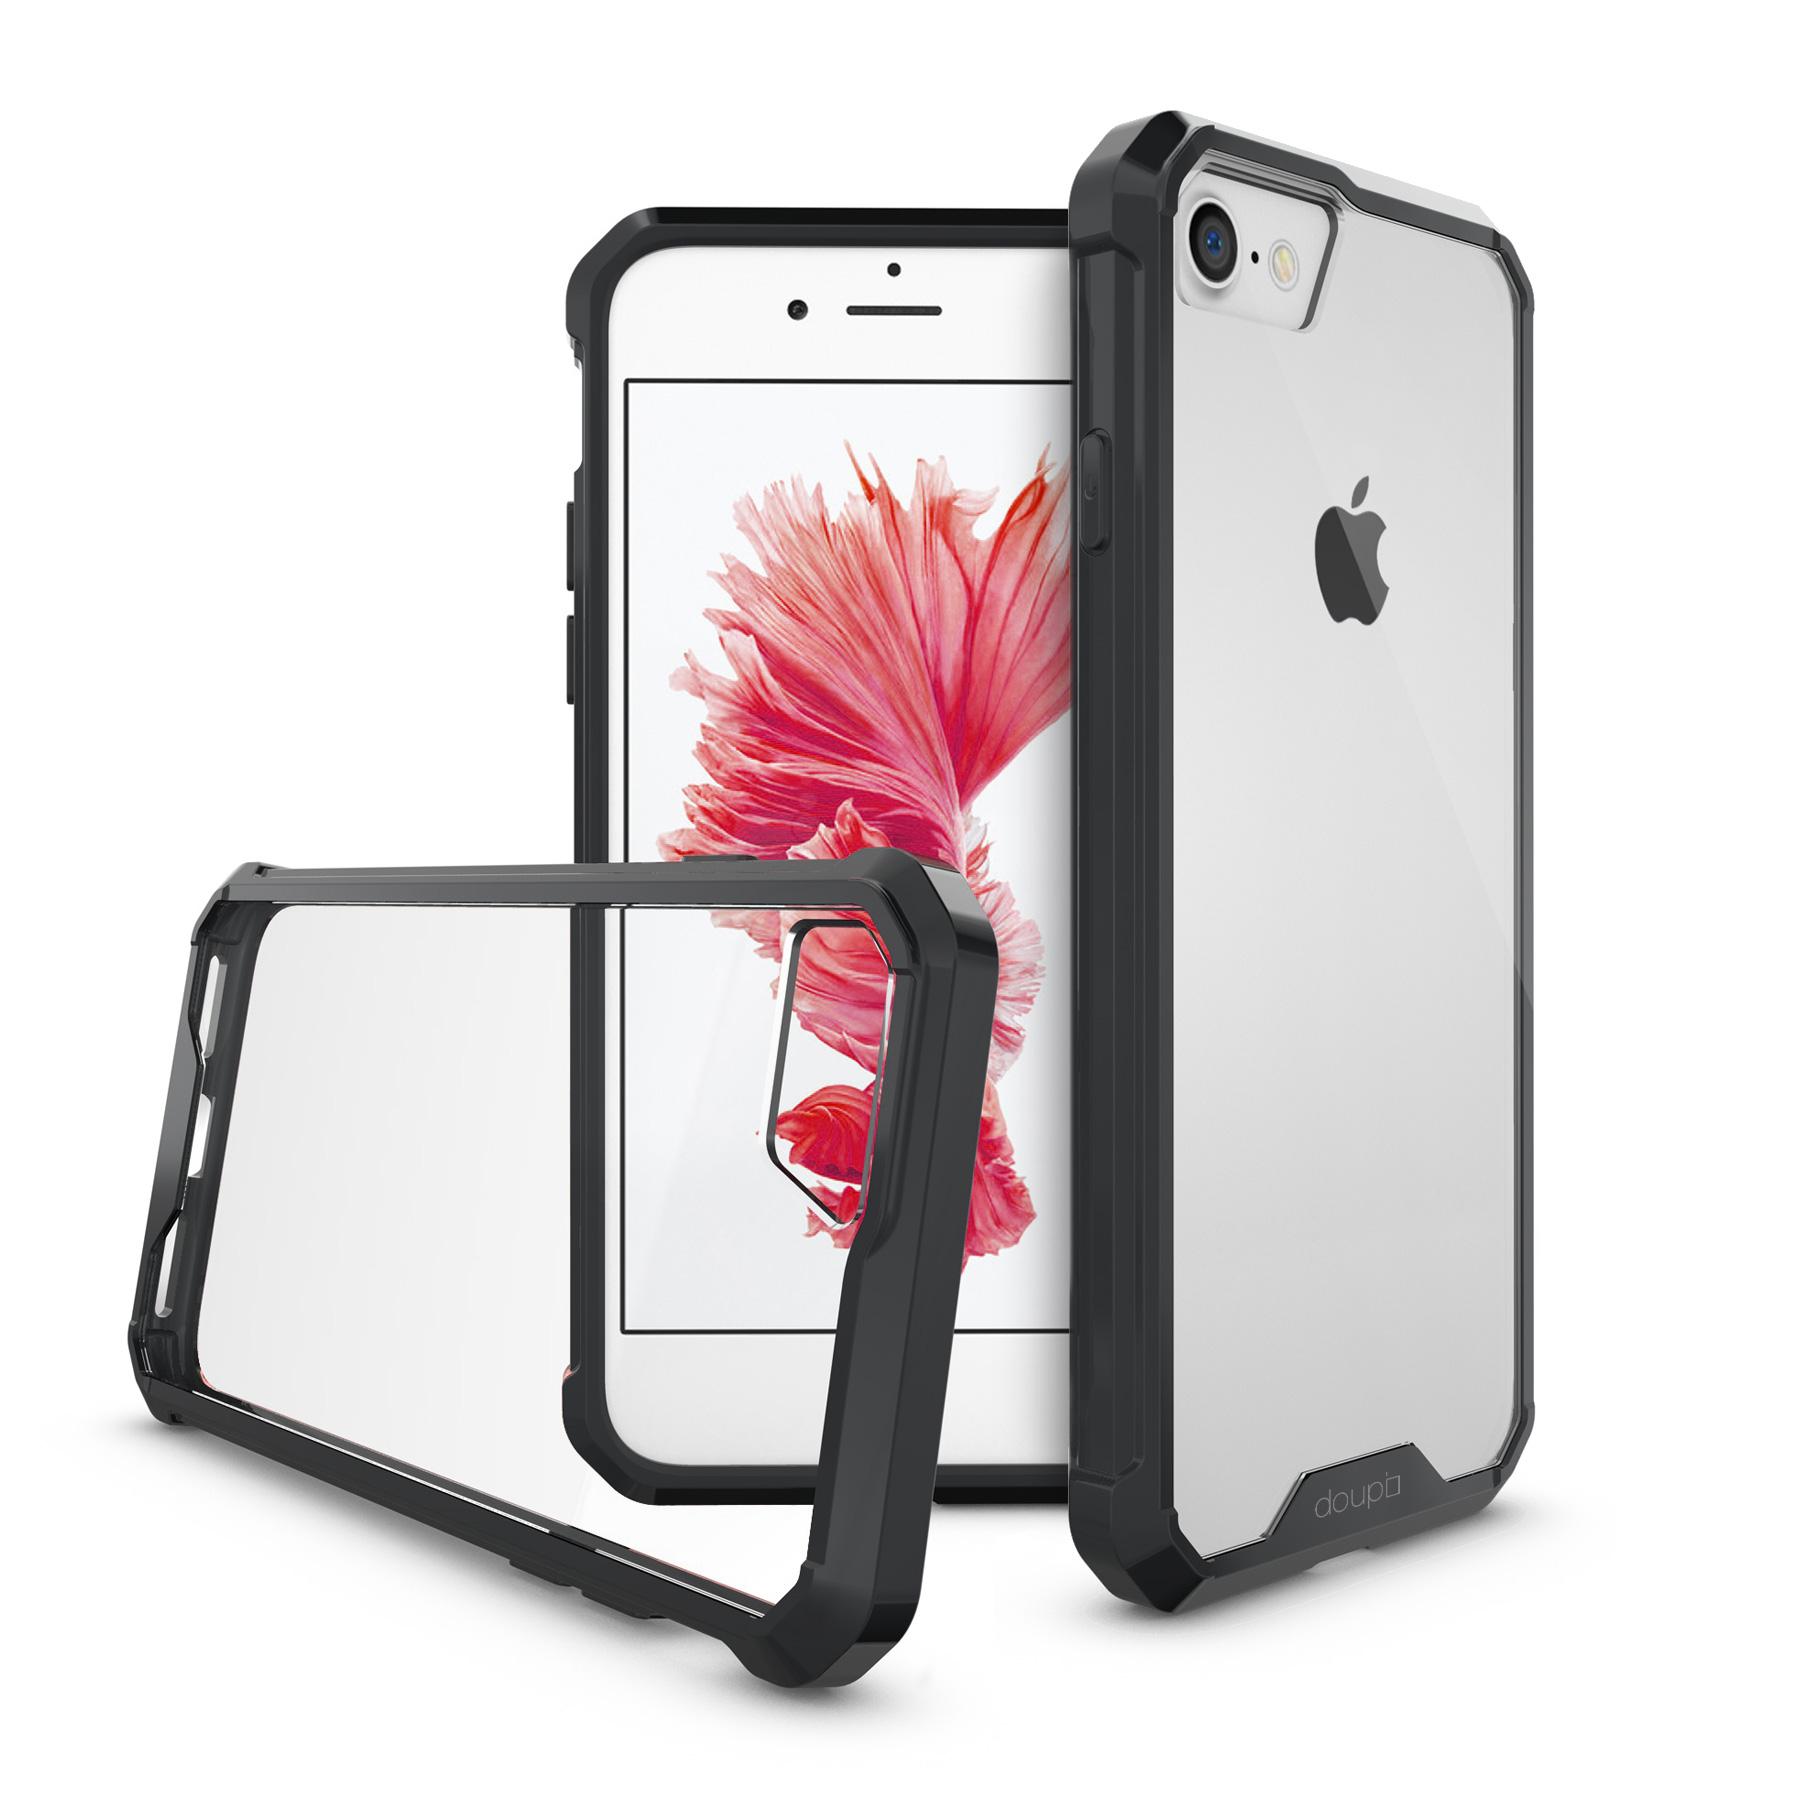 AirClear-Case-iPhone-8-7-4-7-034-Rueckschale-Bumper-Rahmen-Schutz-Huelle-Folie Indexbild 3